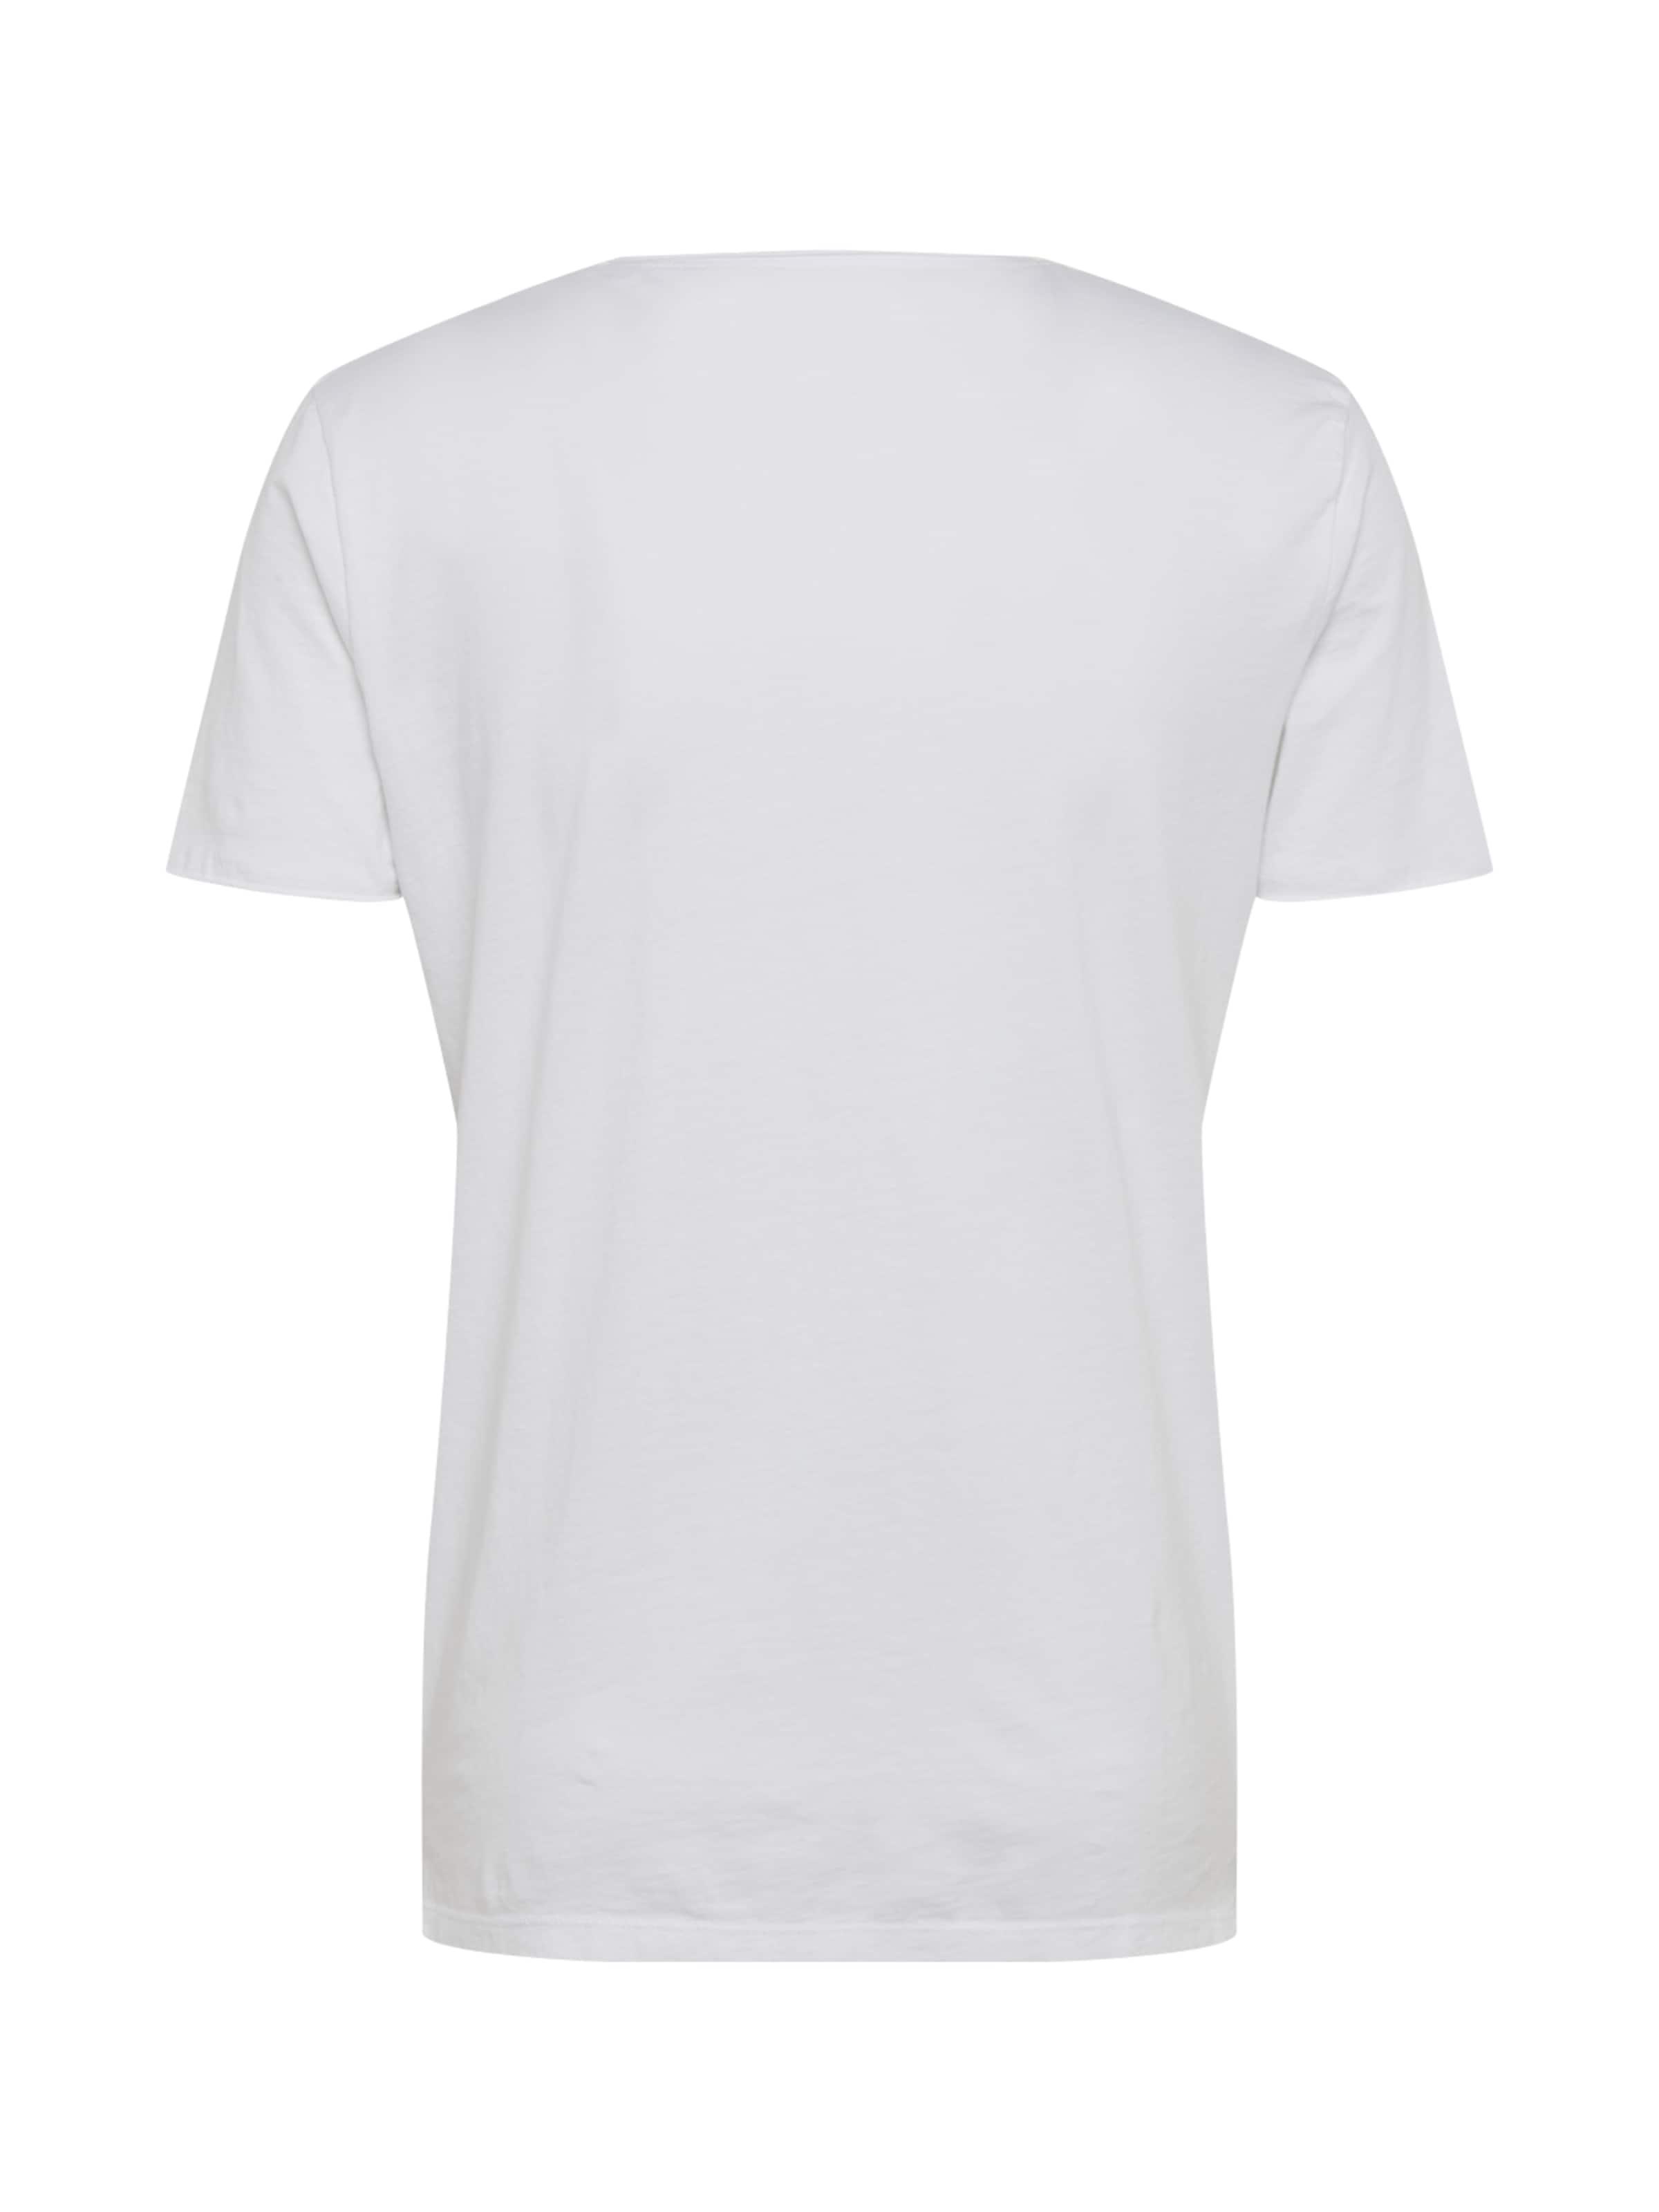 EINSTEIN & NEWTON Shirt in weiß Jersey ESN0229001000001